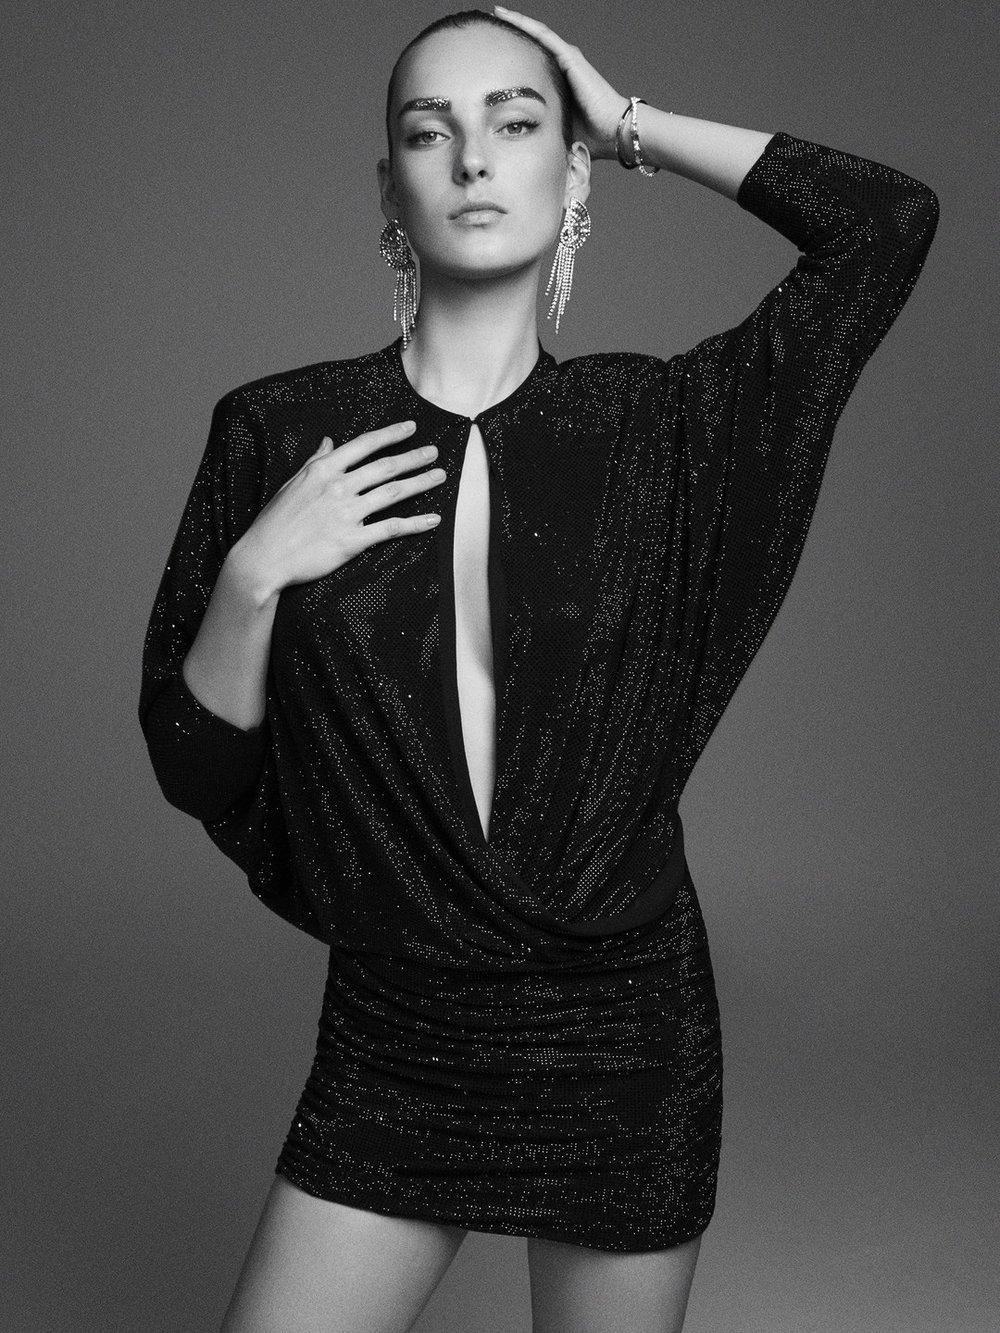 Julia Bergshoeff by Alvaro Beamud Cortes for Vogue Spain December 2018 (1).jpg